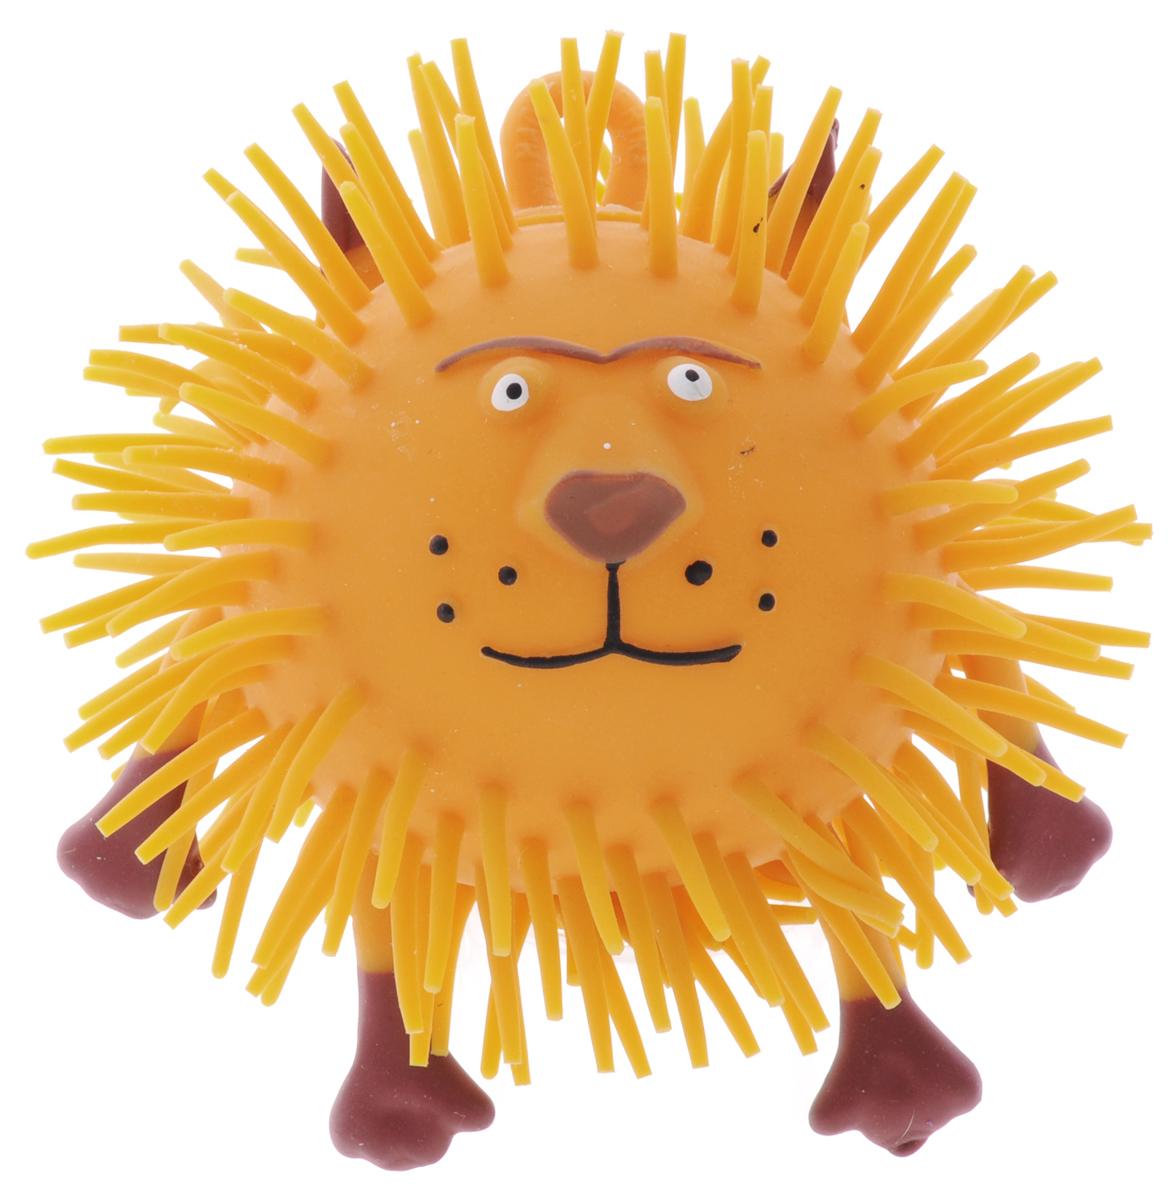 1TOY Игрушка-антистресс Ё-Ёжик Животное цвет оранжевыйТ52164_оранжевыйИгрушка 1TOY Ё-Ёжик: Животное - это яркая игрушка-антистресс. Мягкая, приятная на ощупь и напоминающая свернувшегося ёжика, игрушка понравится и детям, и взрослым. Взяв игрушку в руки, расстаться с ней просто невозможно! Ё-Ёжик обязательно станет самым любимым забавным сувениром.